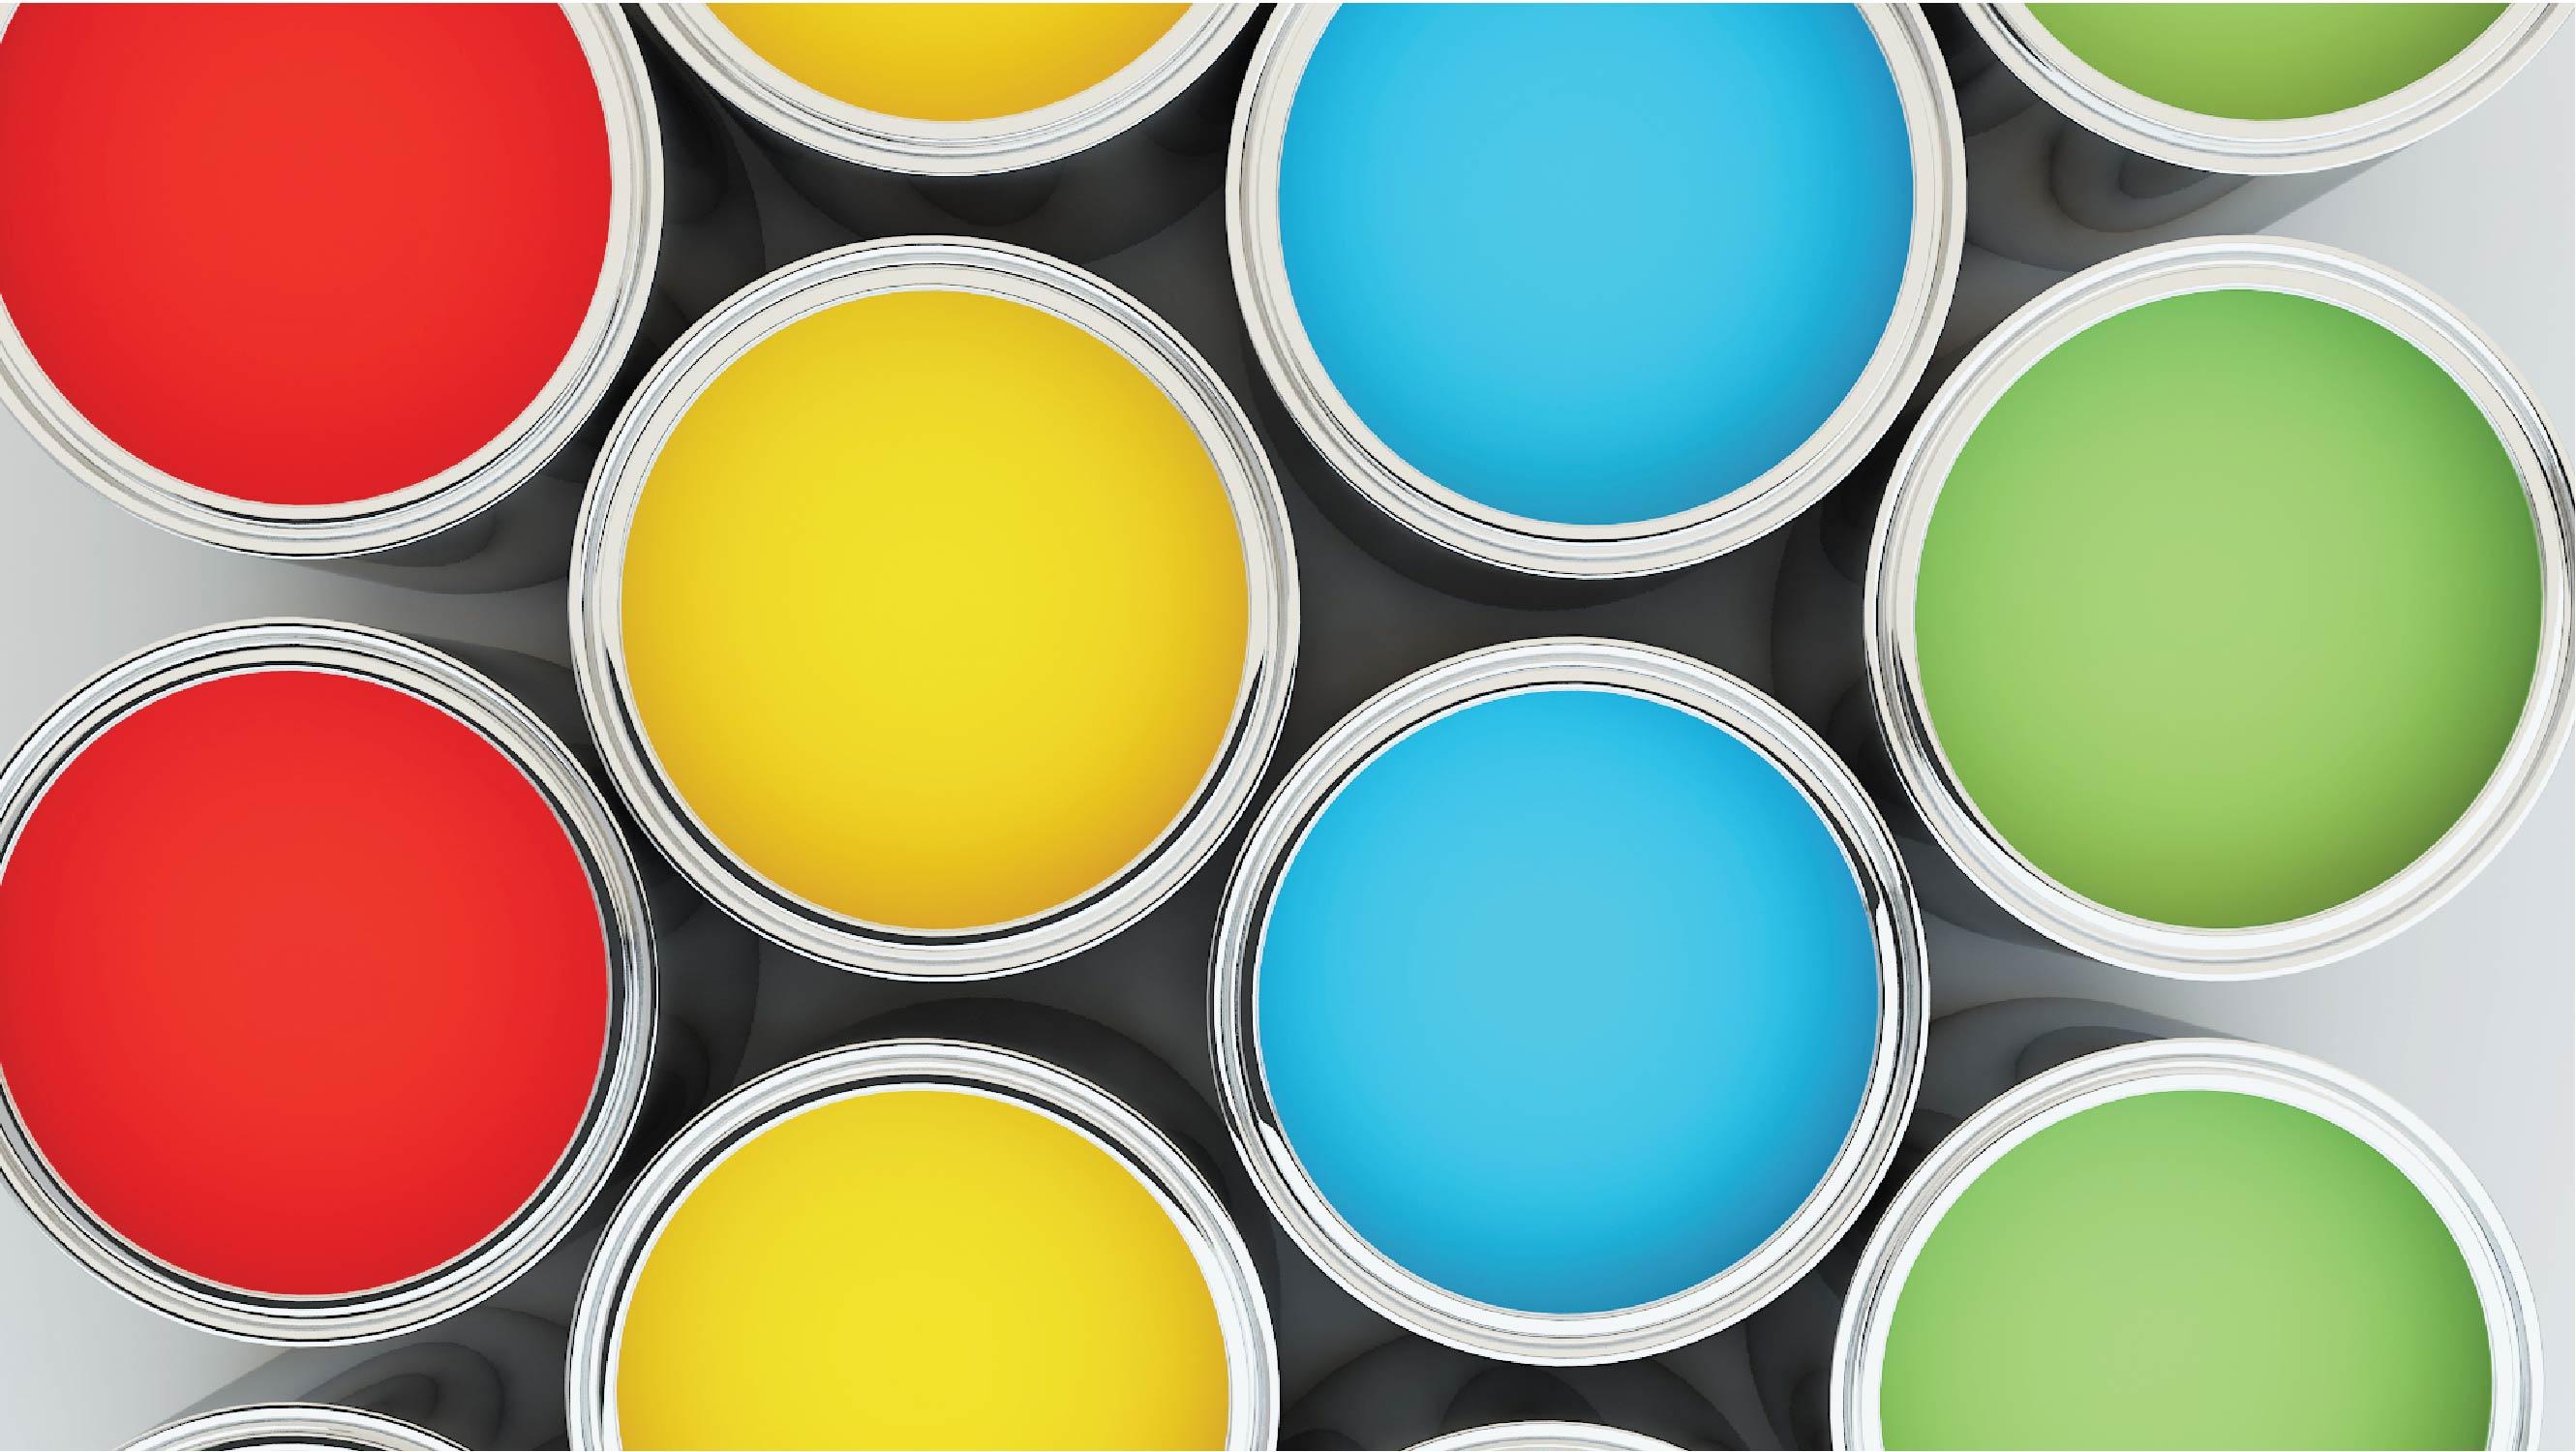 Tonos y colores la cadena de tiendas de pinturas mas - Tonos de pintura ...